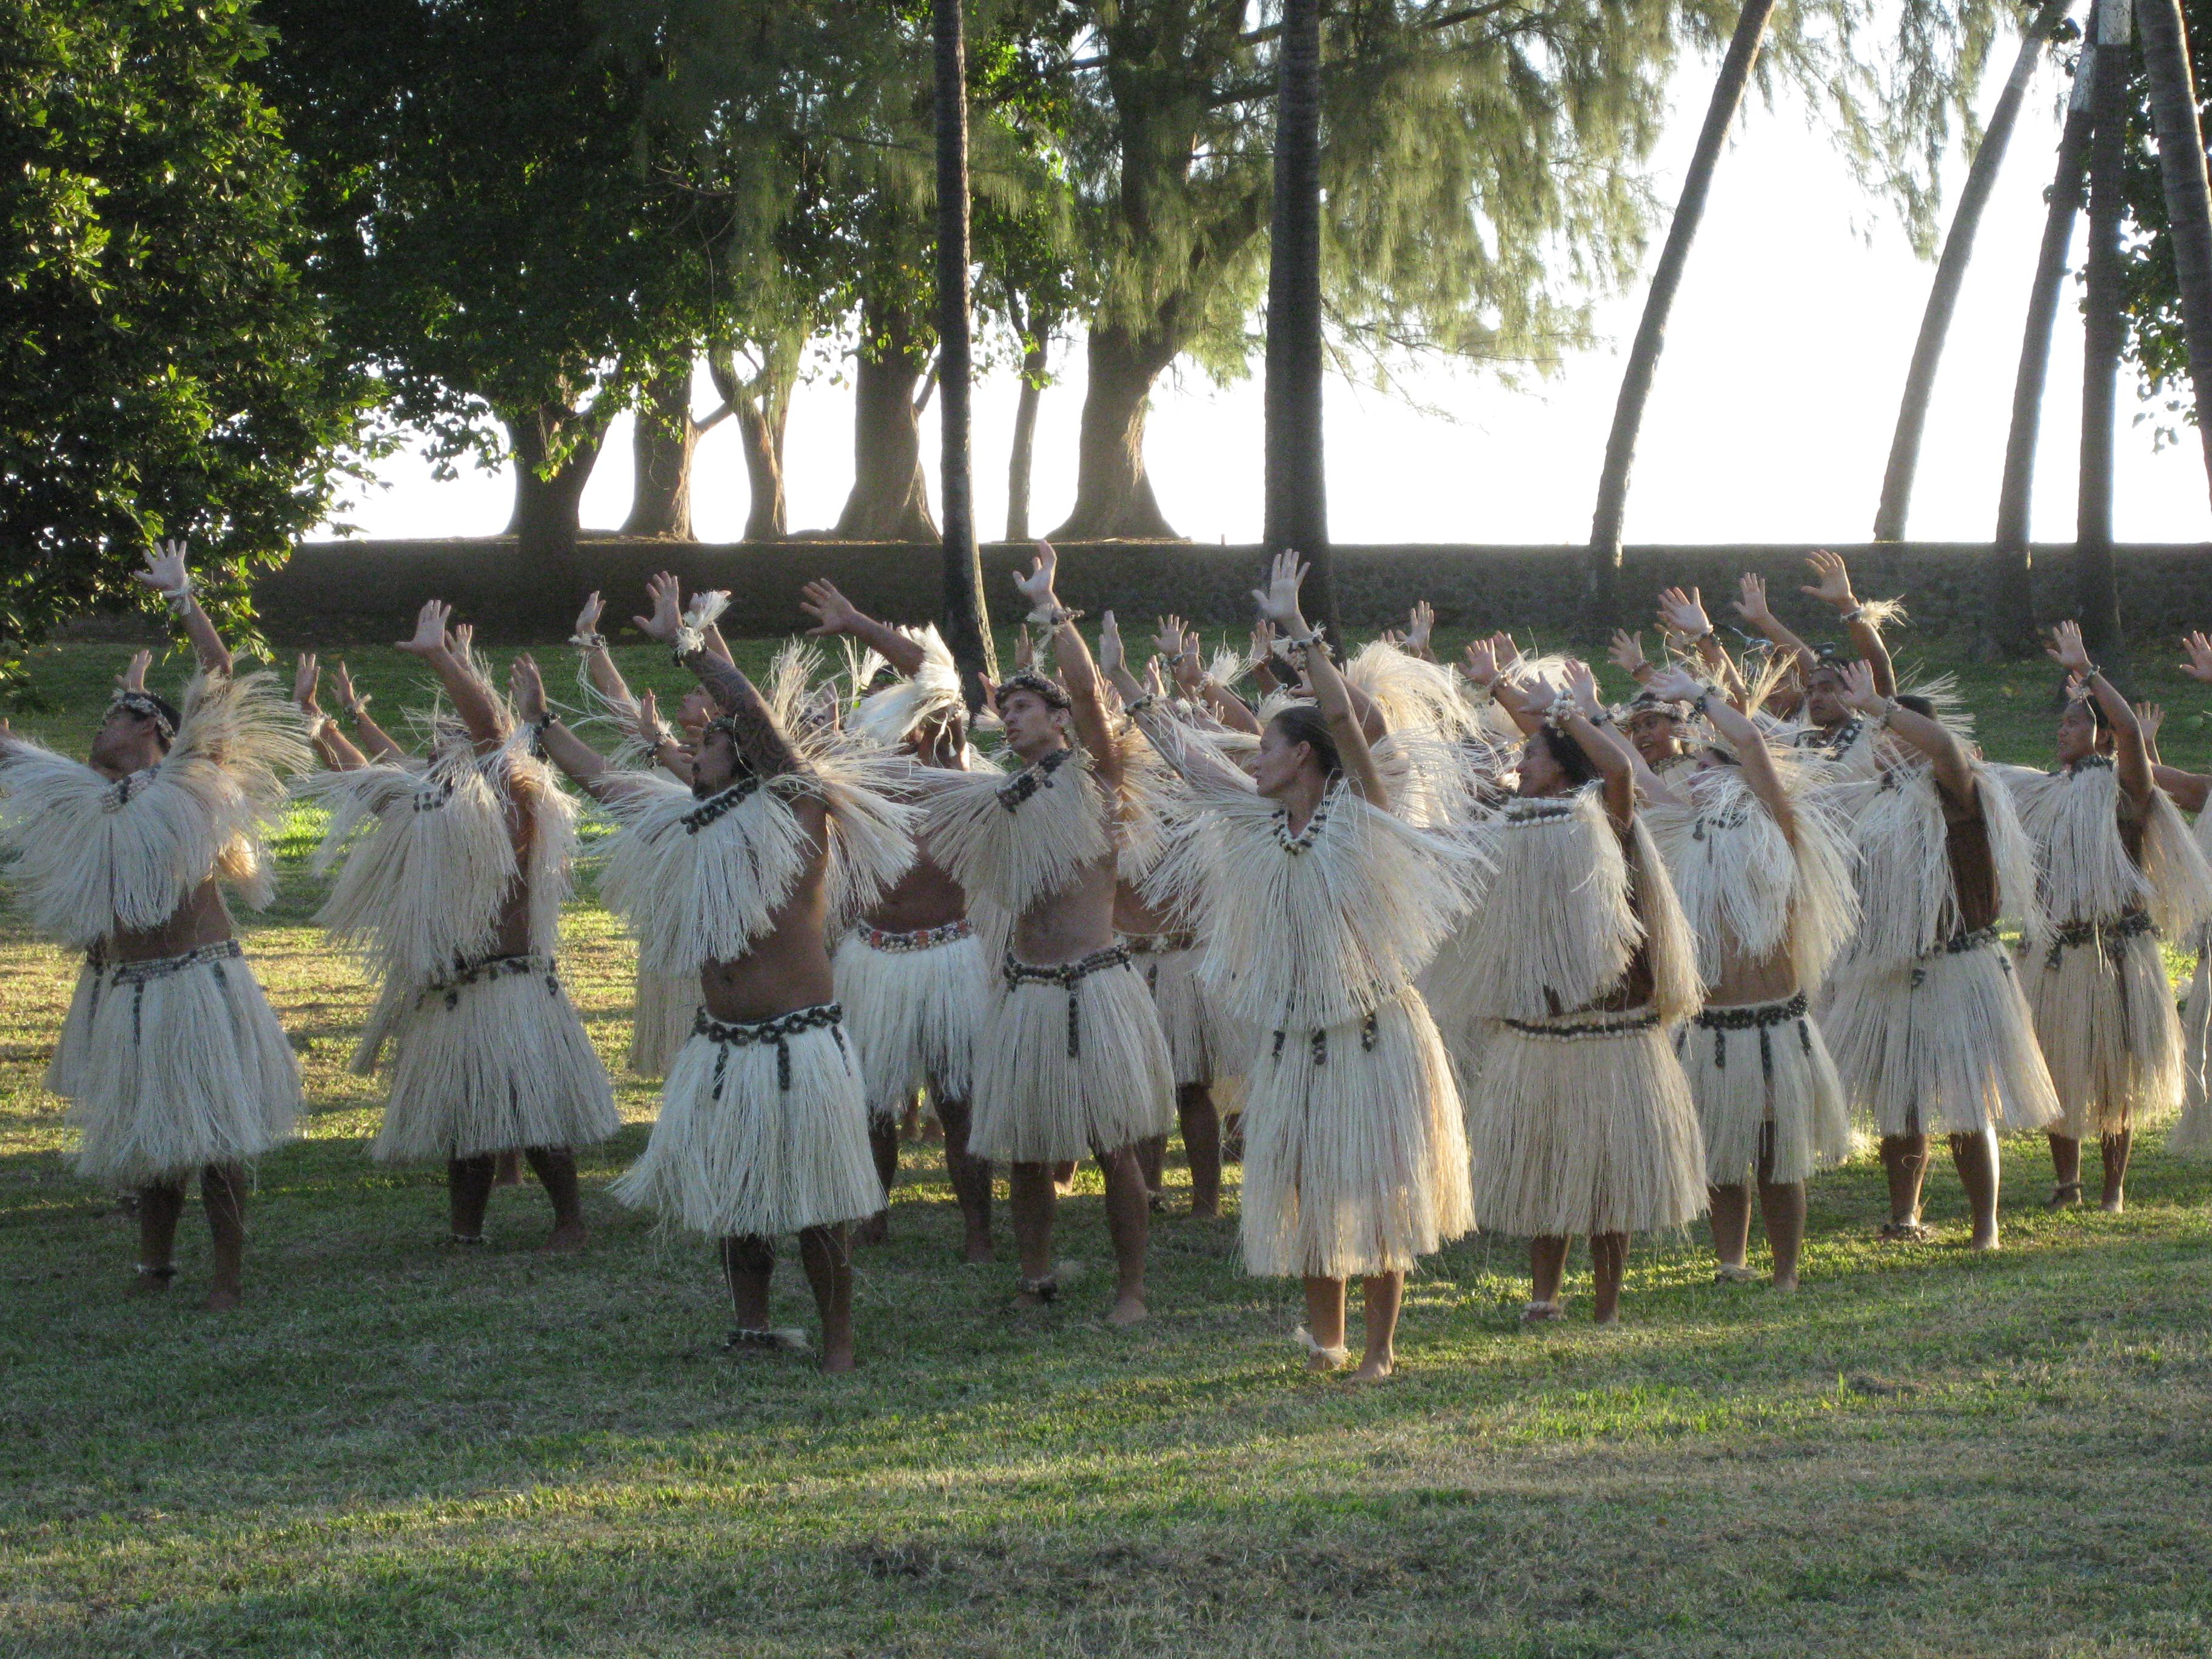 Mangareva. Danse. Début de la danse 2. Exposition Tahiti, 2009